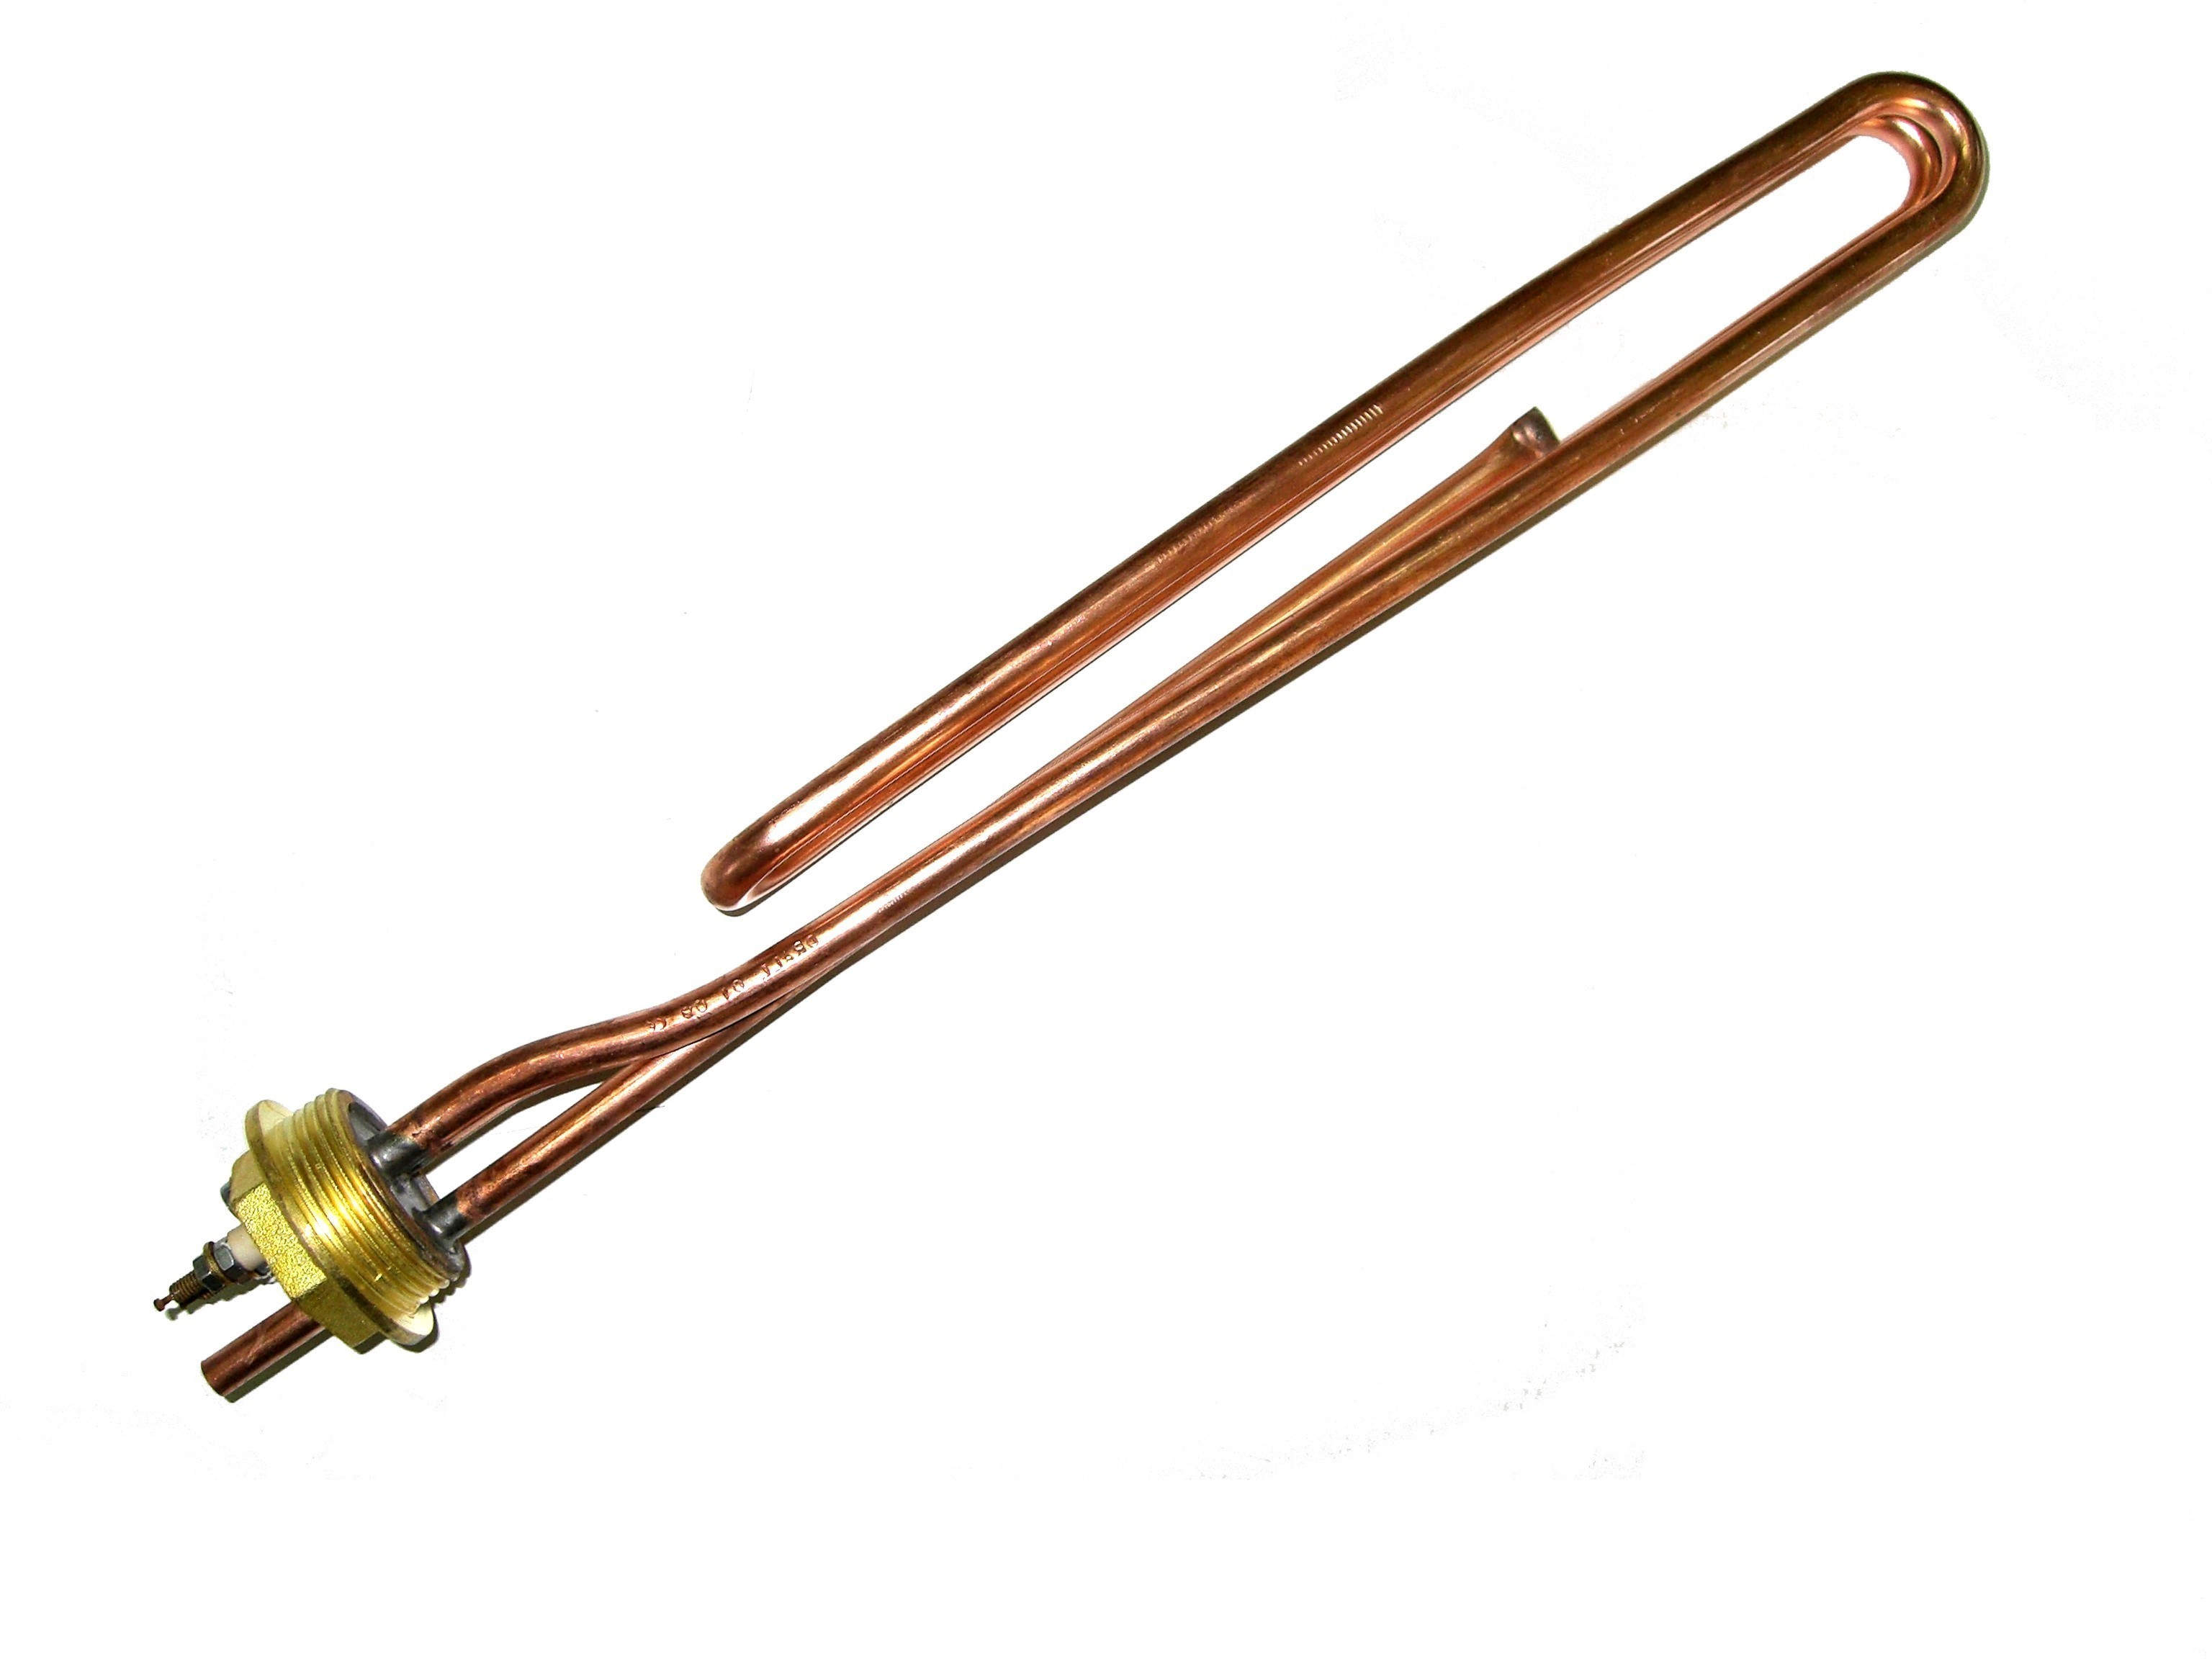 Ηλεκτρική Αντίσταση 230 V χάλκινη σε τάπα ορειχάλκινη με σπείρωμα G1 1/4″ (3 – 4 kW)